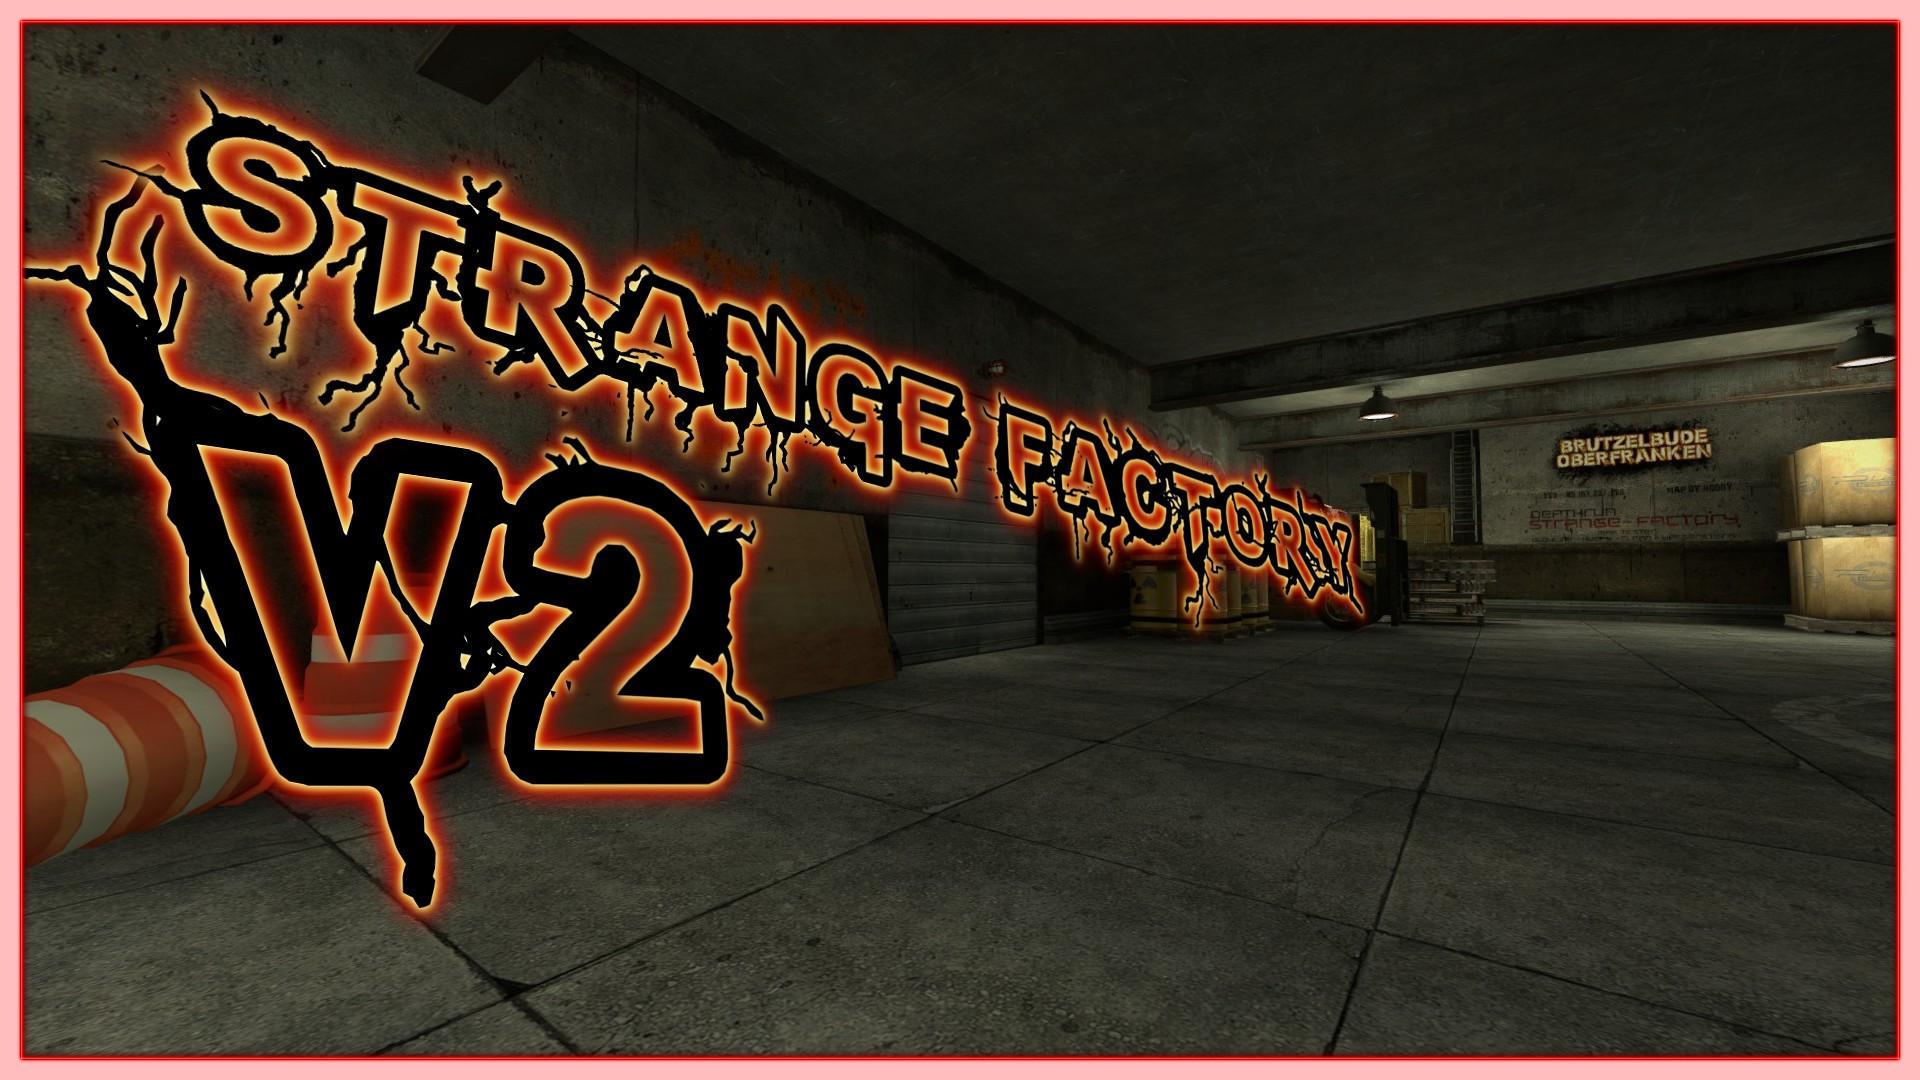 دانلود مپ دثران deathrun_Strange-Factory برای کانتر گو